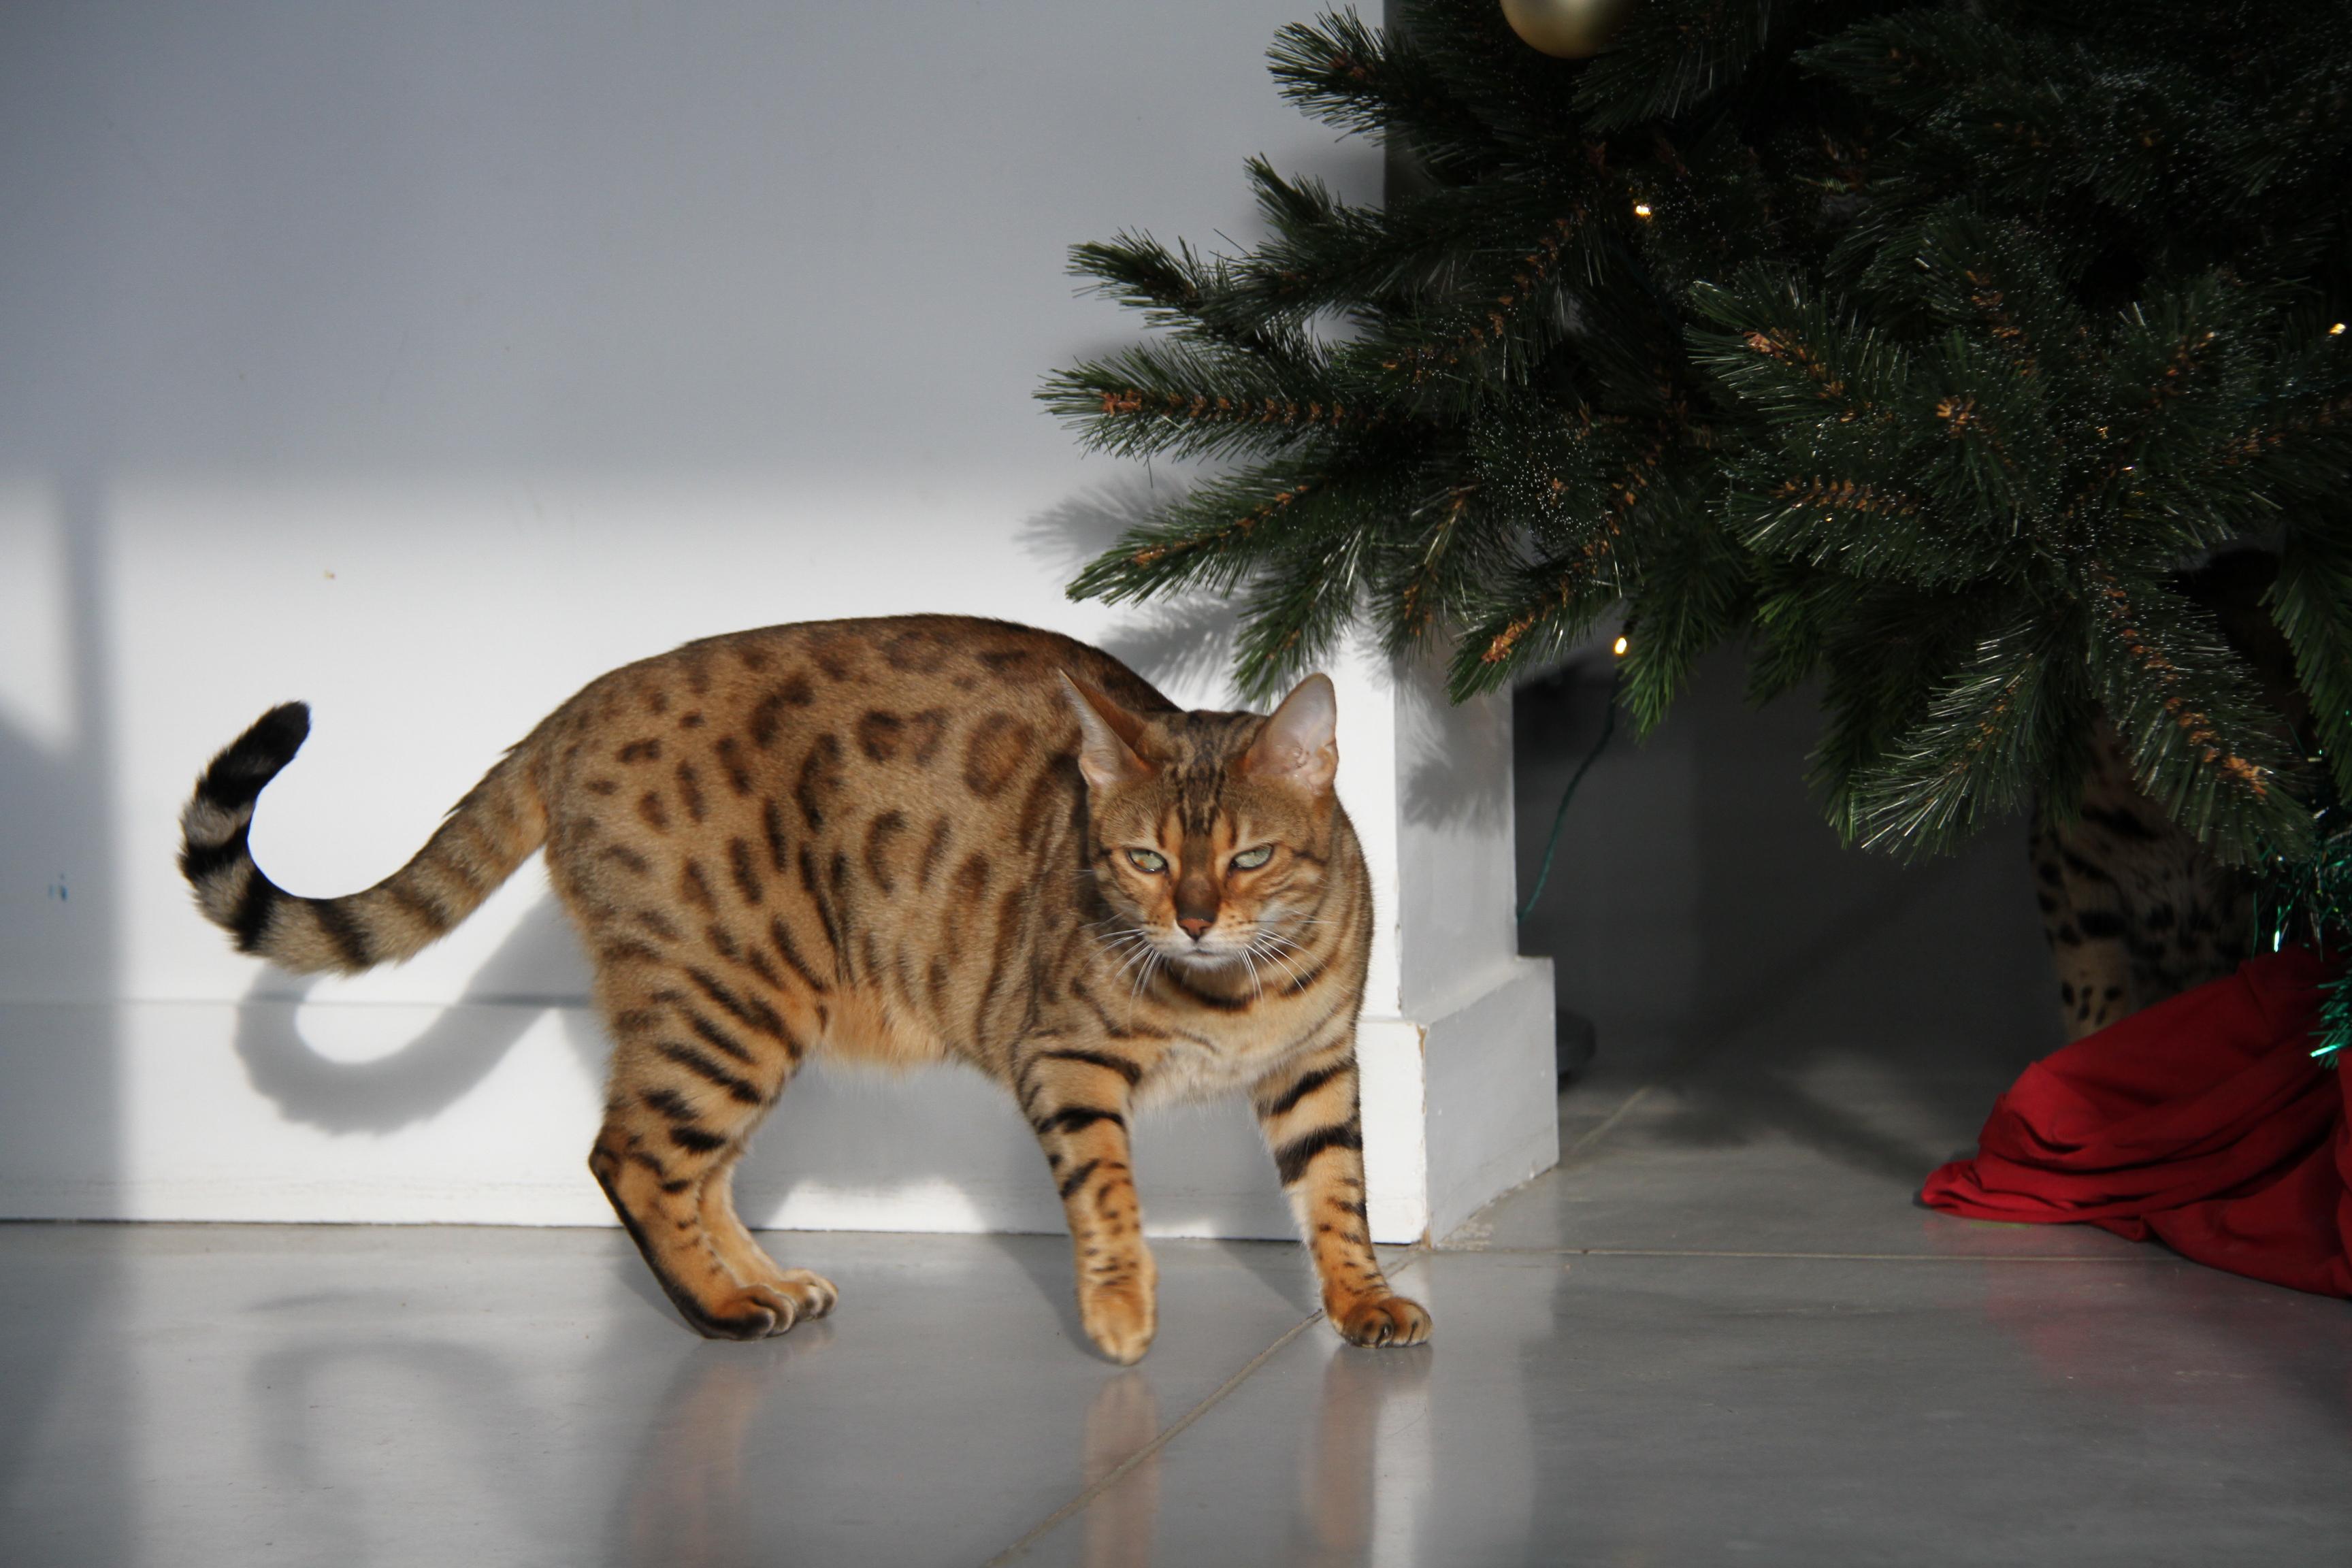 chats bengals de noël